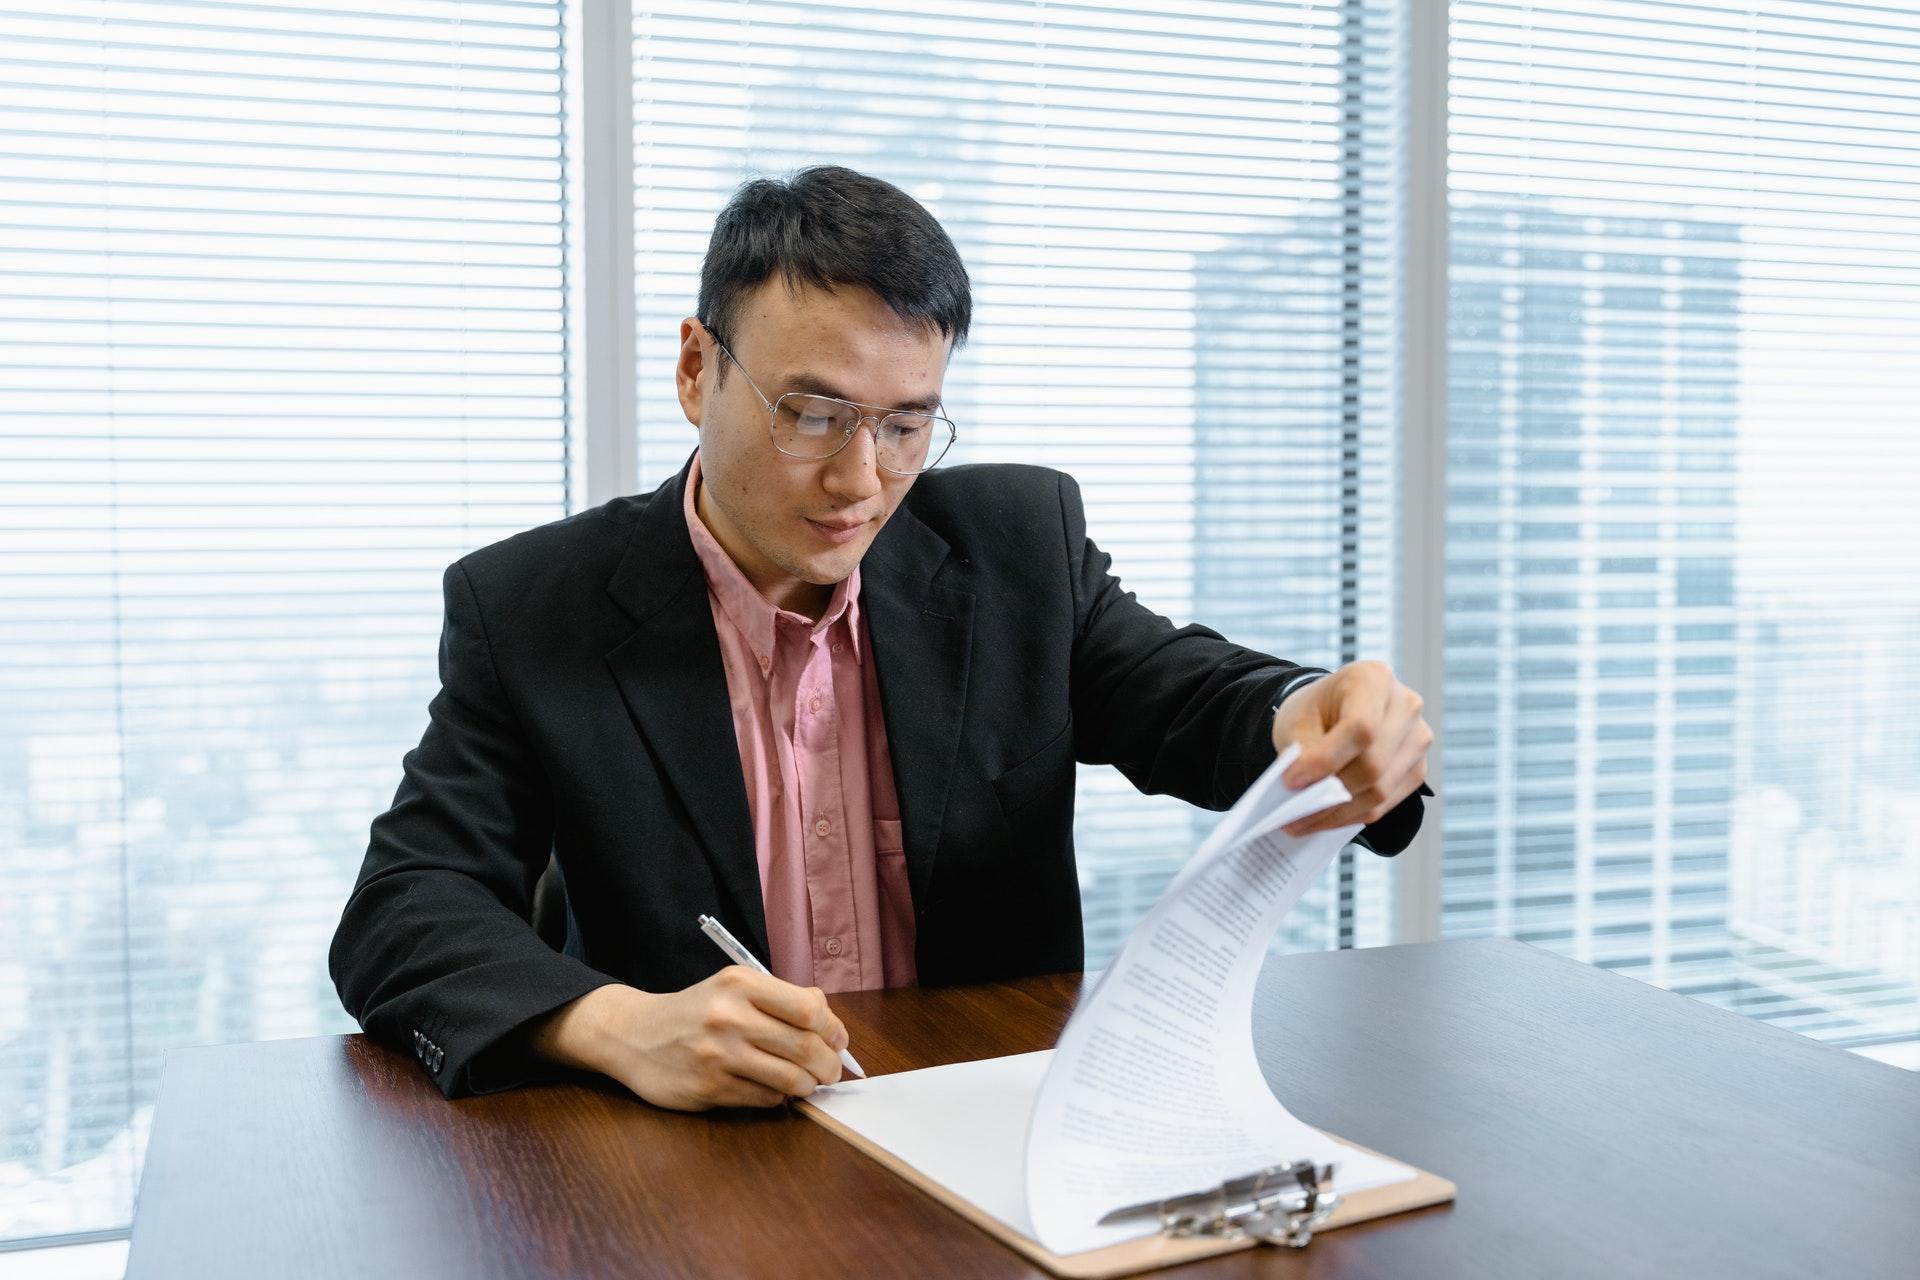 Imagem de um empresário em uma mesa de escritório. Imagem ilustrativa texto tipos de empreendedorismo.